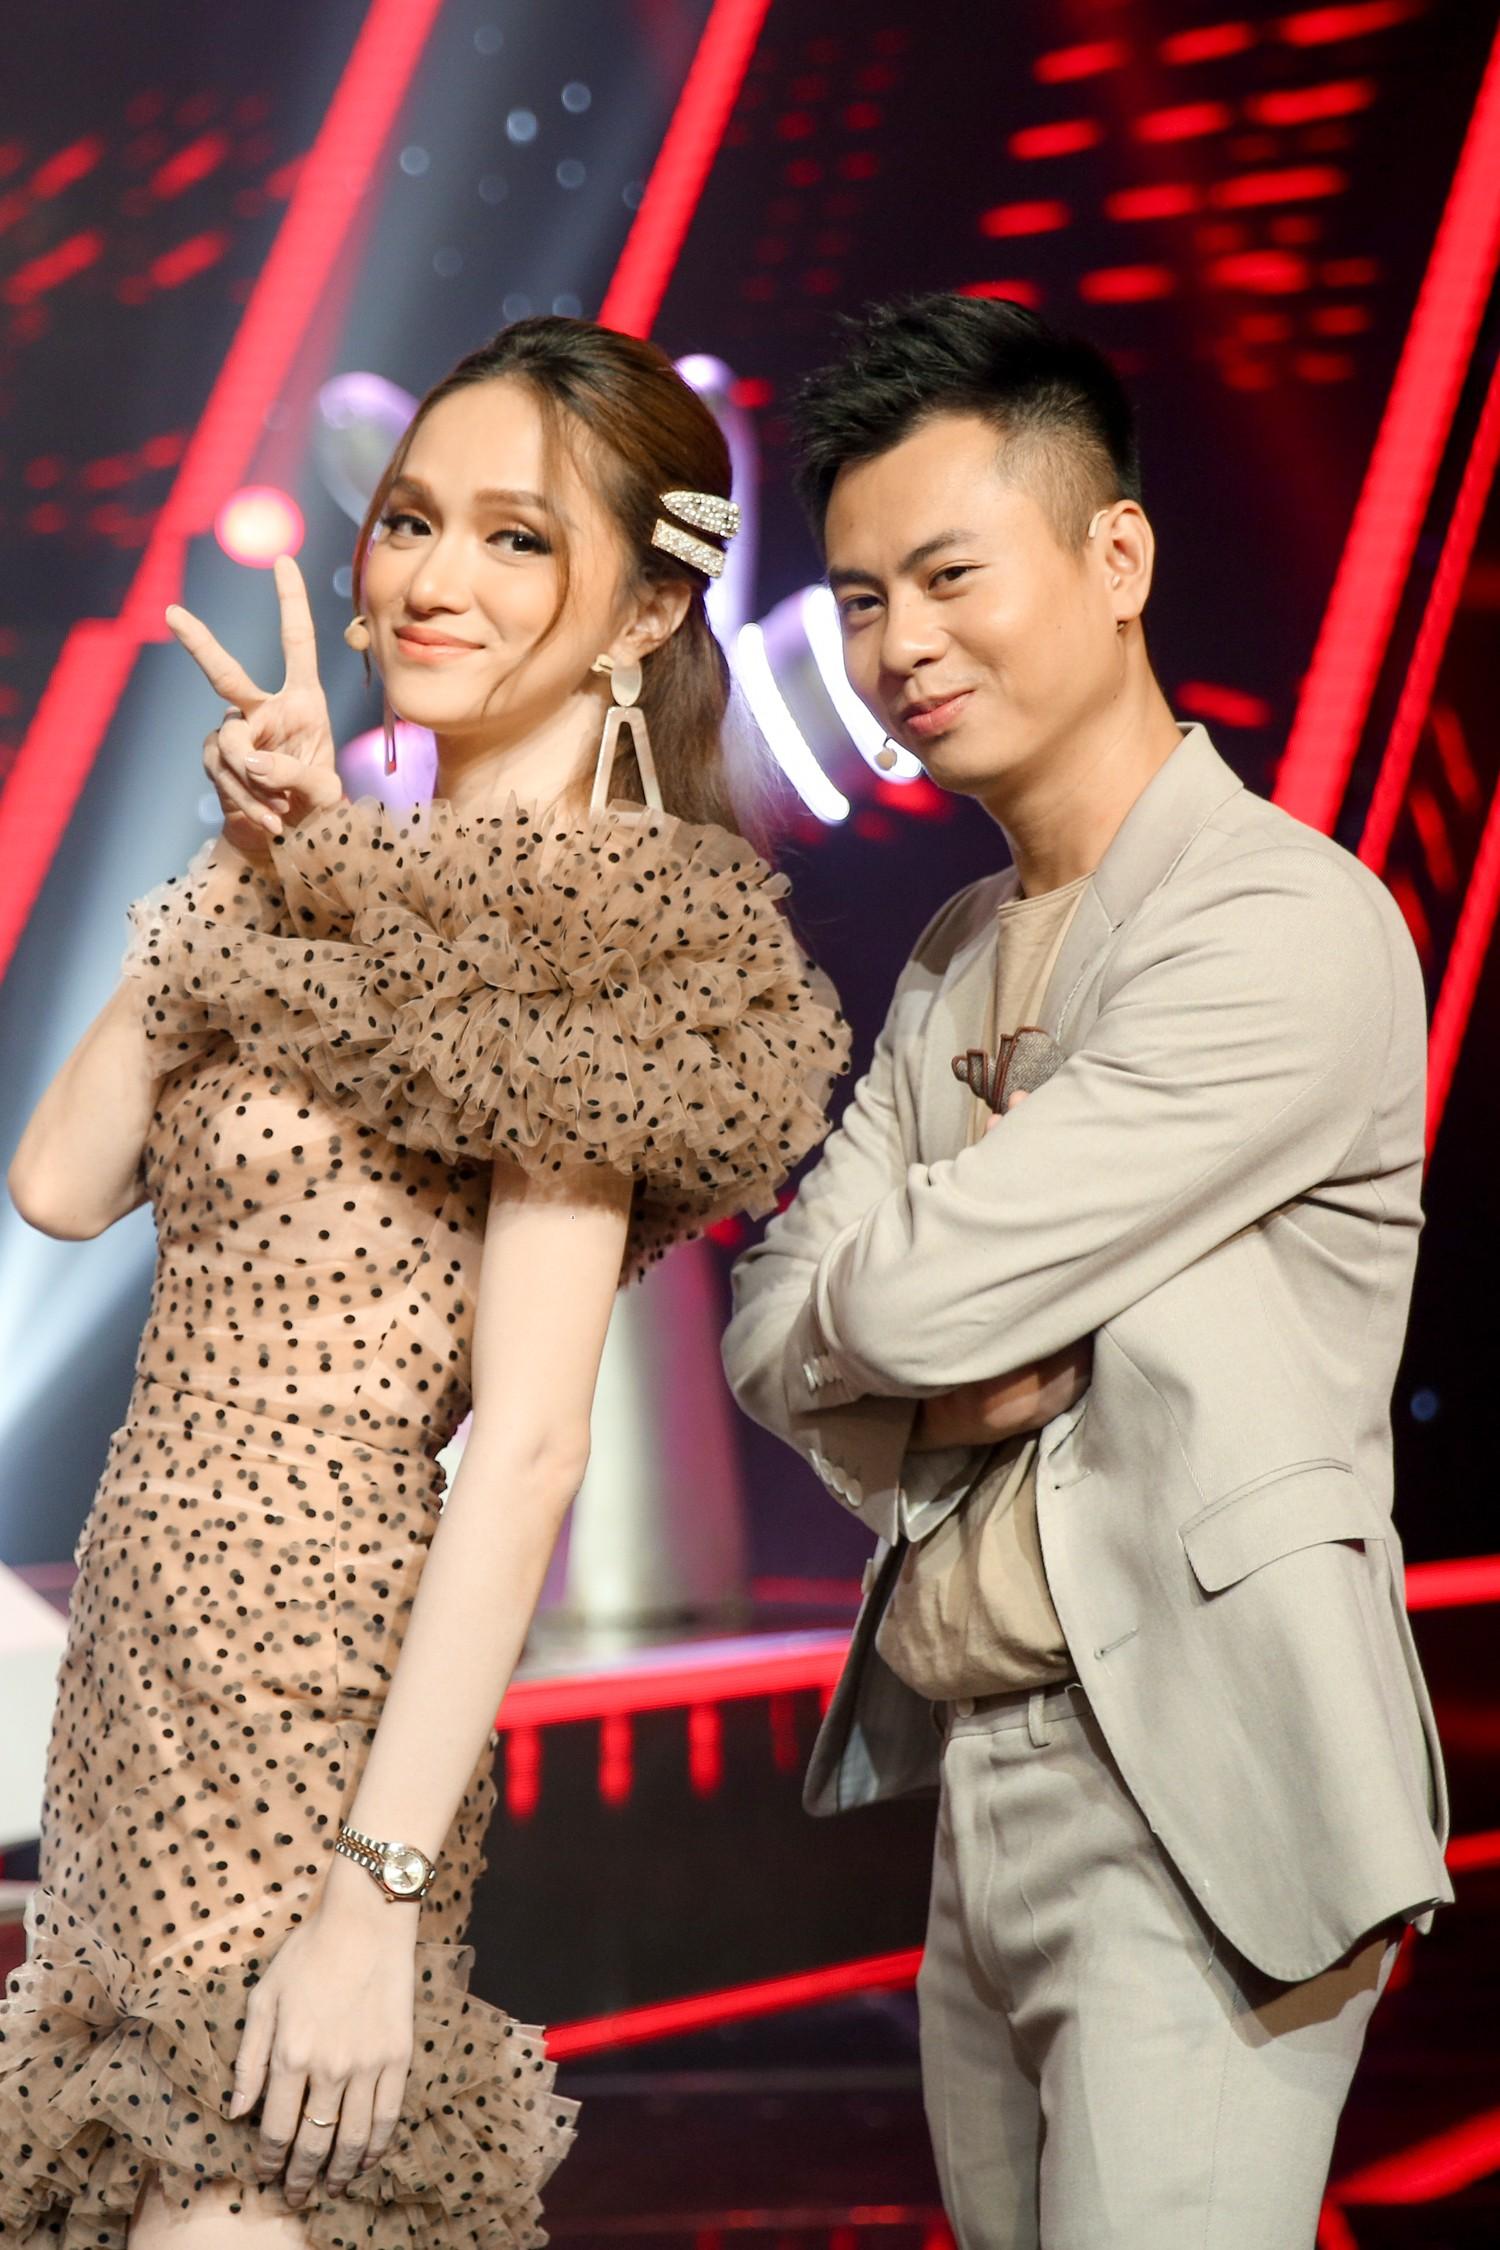 Vượt bão ồn ào ly hôn, Phạm Quỳnh Anh làm HLV The Voice Kids, ngồi ghế nóng cùng Dương Khắc Linh  - Ảnh 3.